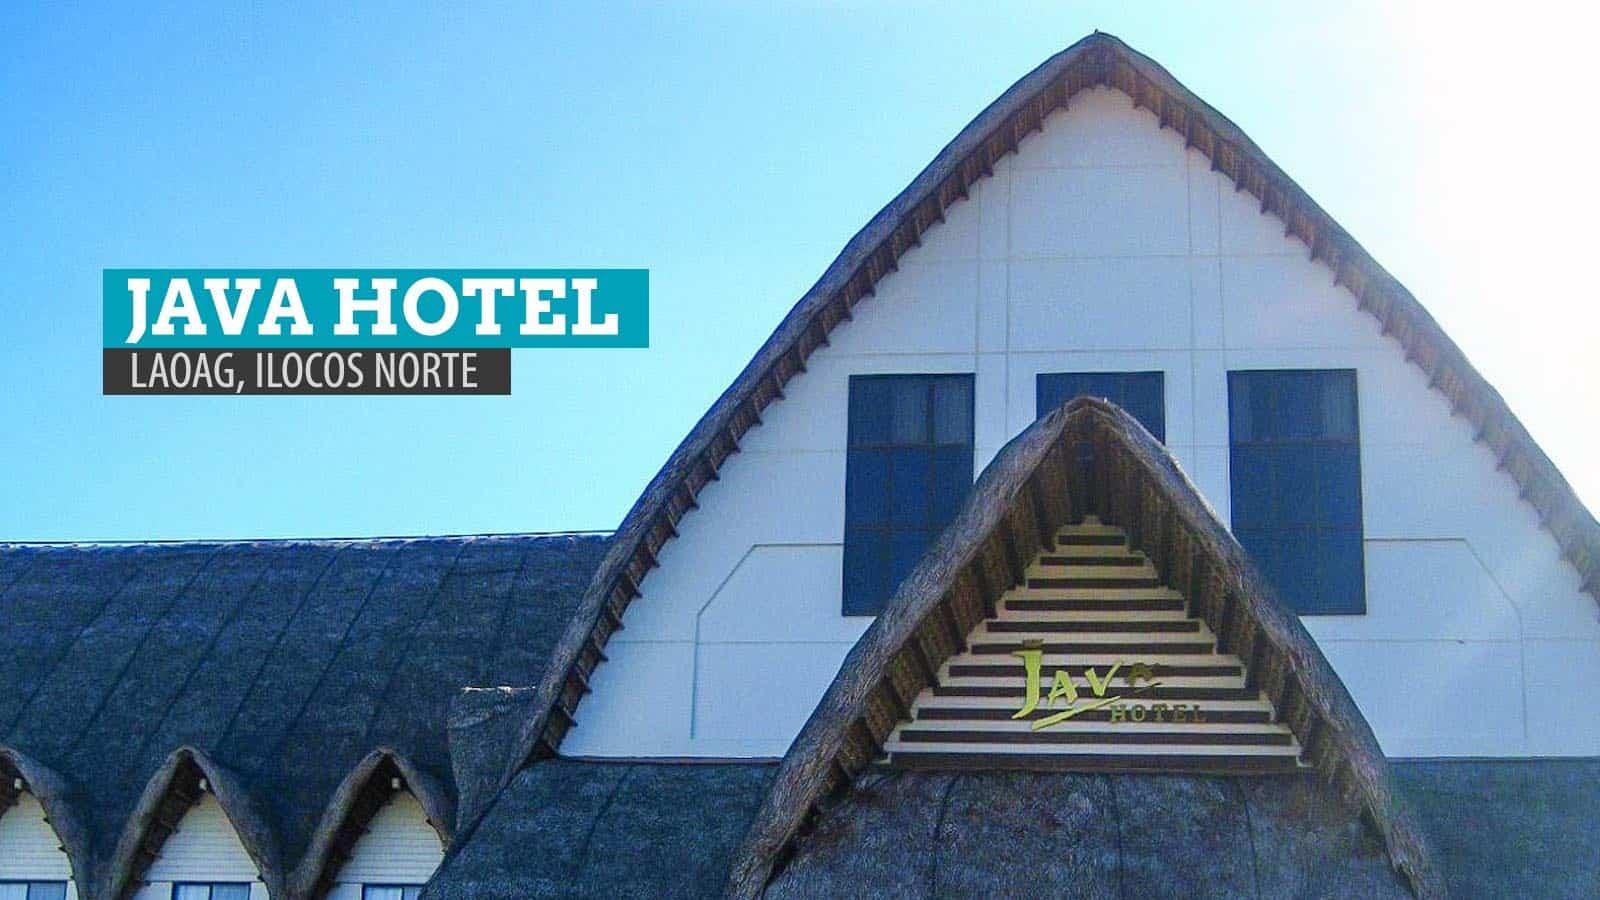 Java Hotel: Where to Stay in Laoag, Ilocos Norte